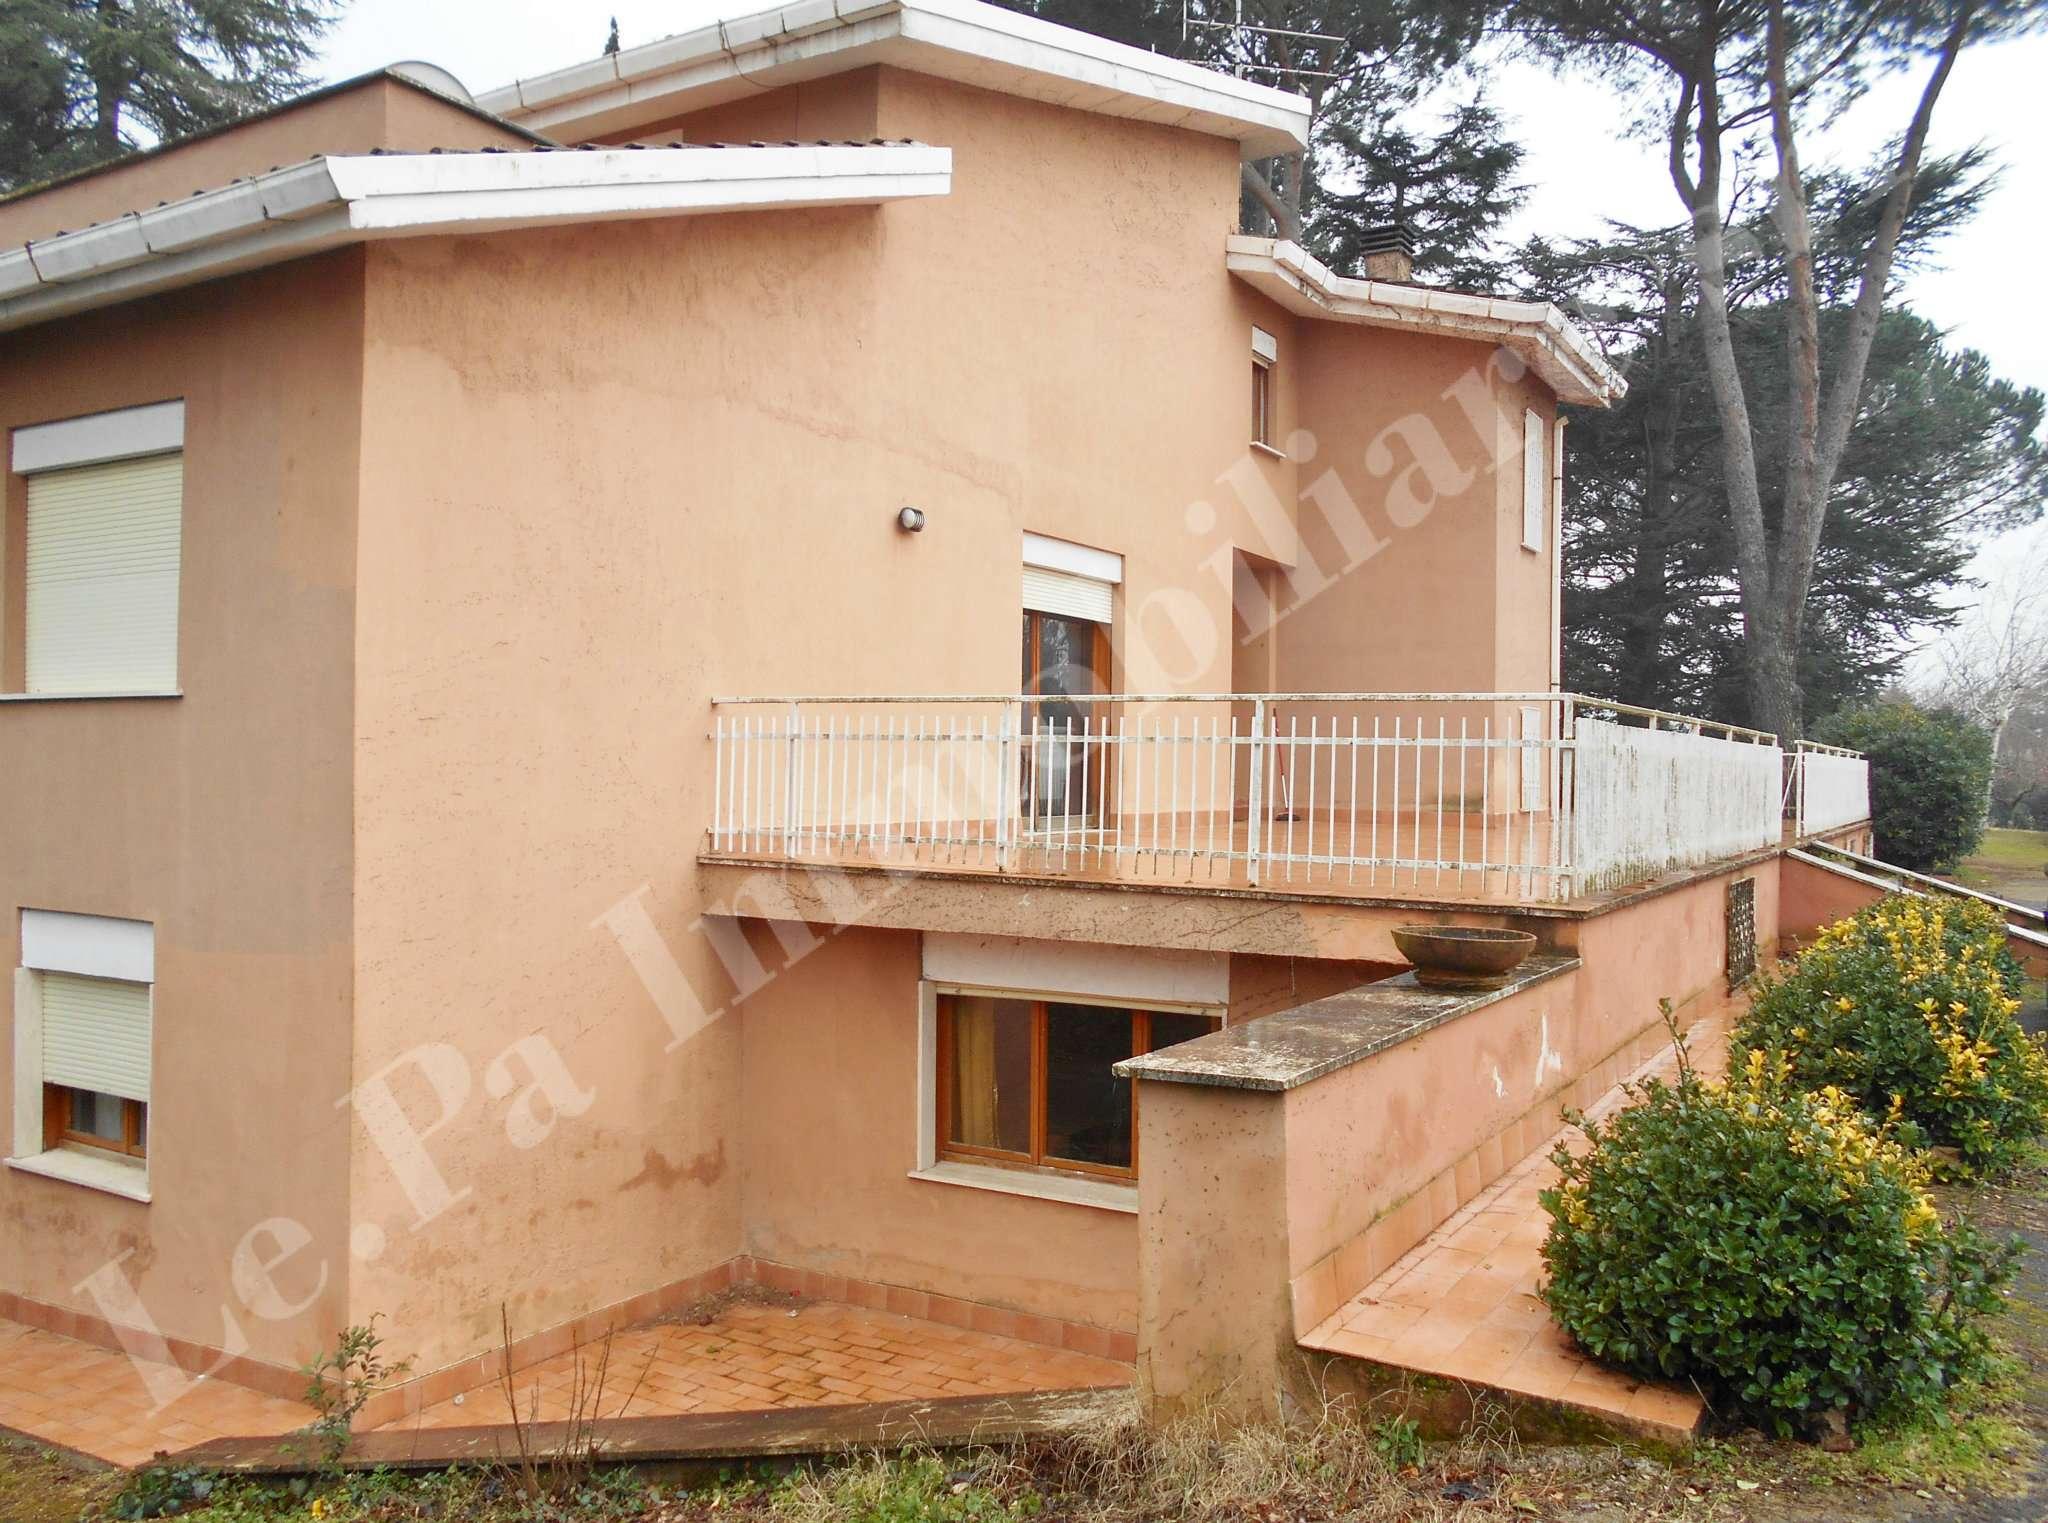 Villa in vendita a San Cesareo, 9 locali, prezzo € 299.000 | Cambio Casa.it